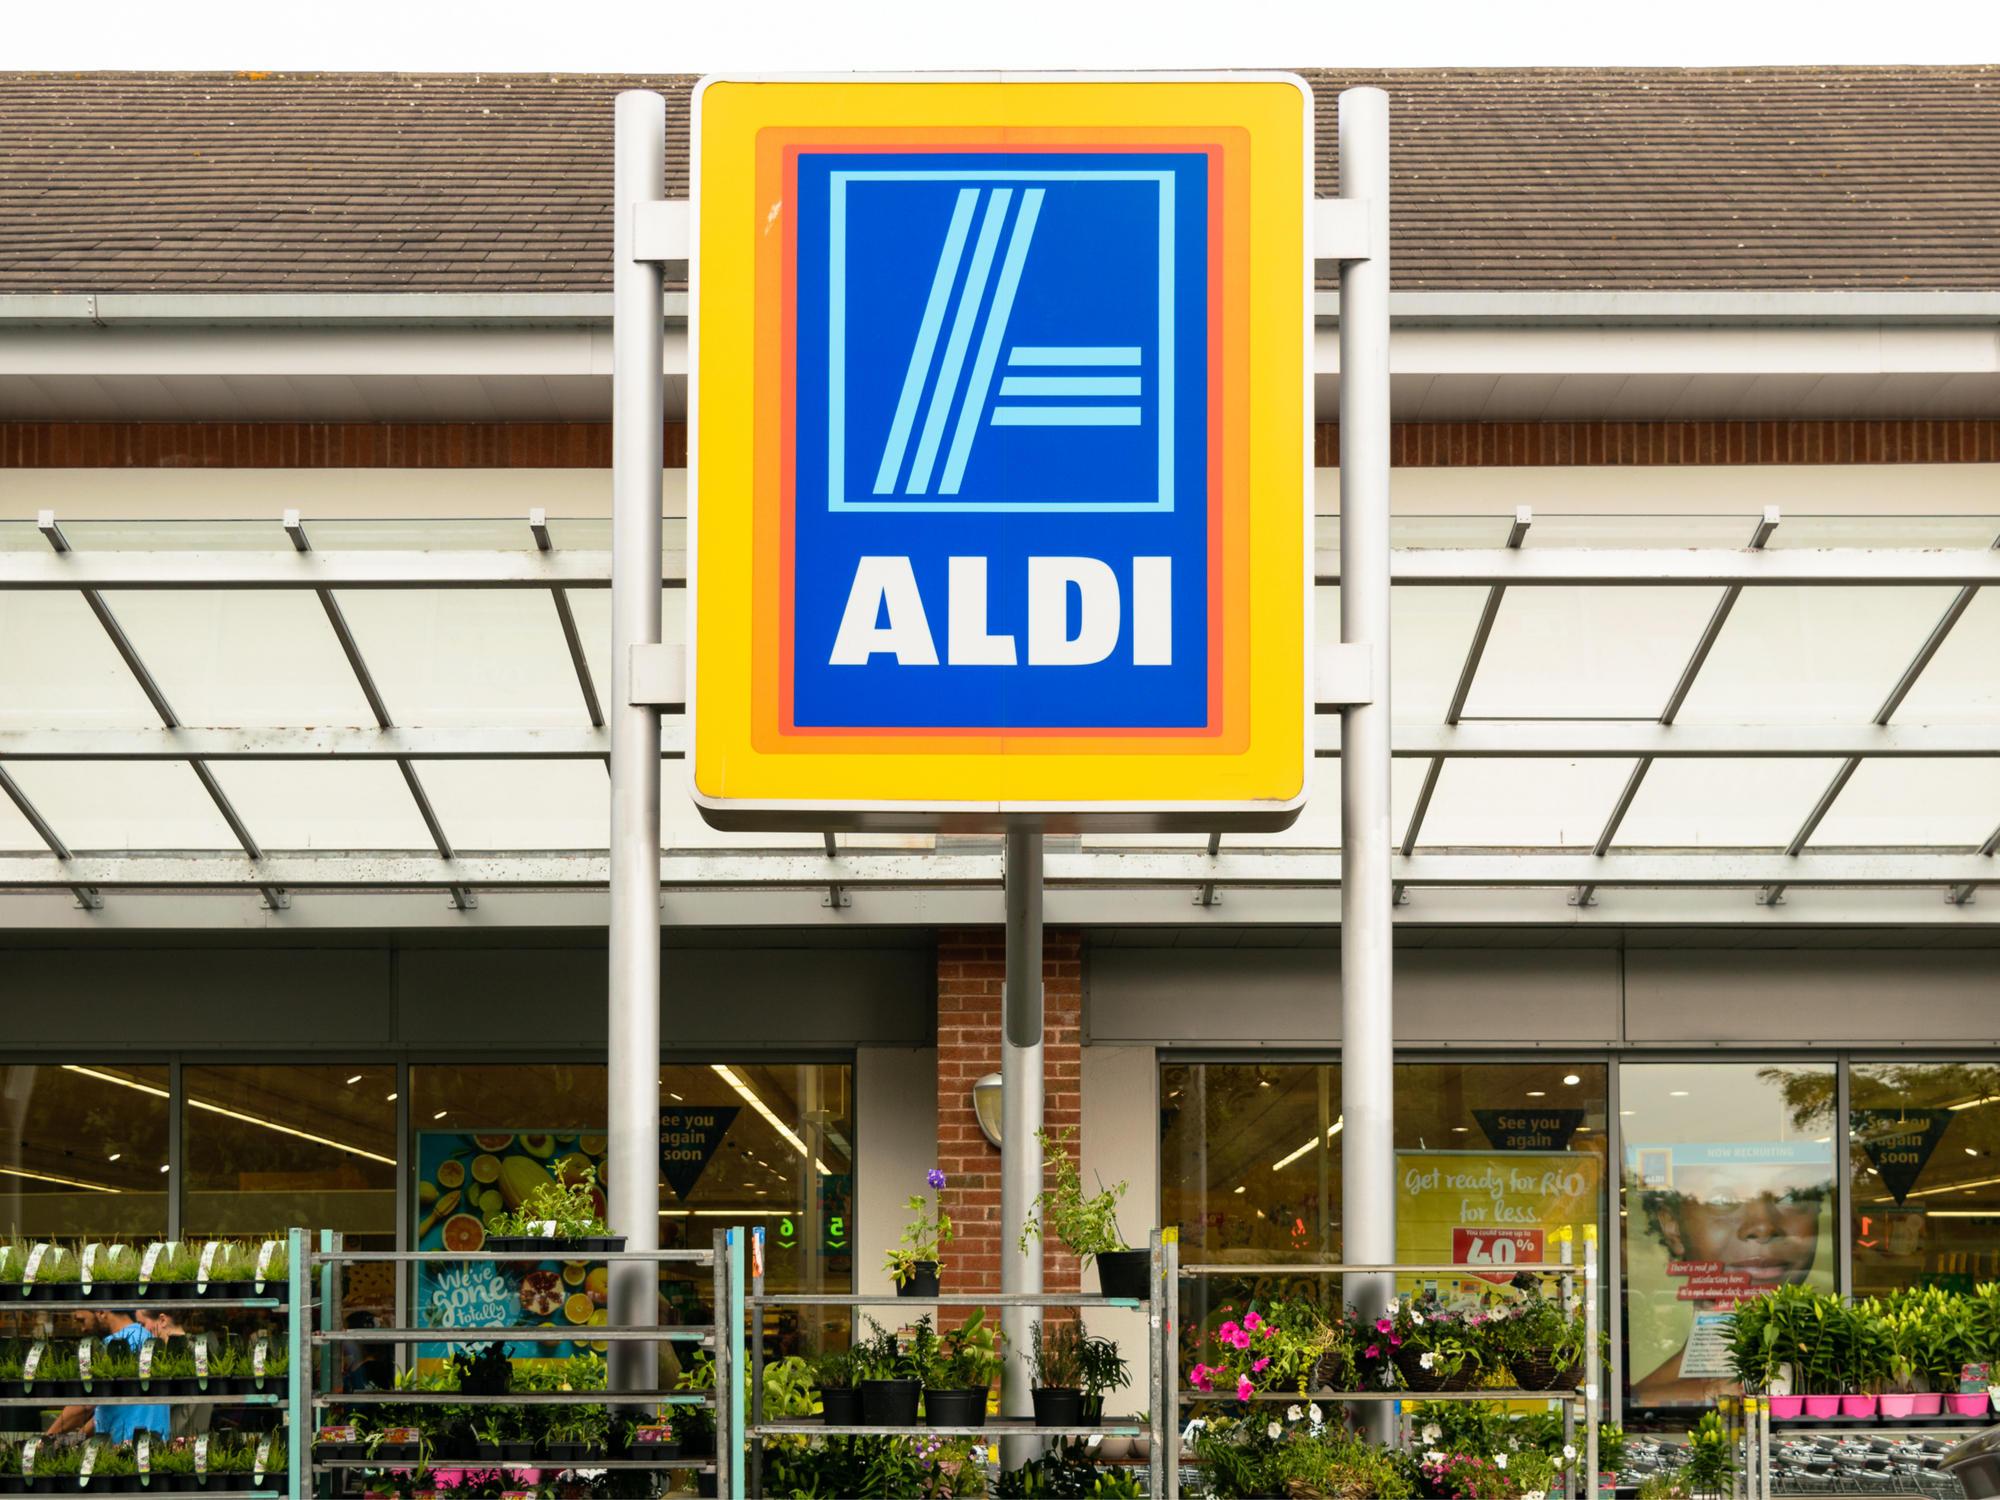 aldi verkauft gartenmöbel: top-angebote für den frühling | brigitte.de